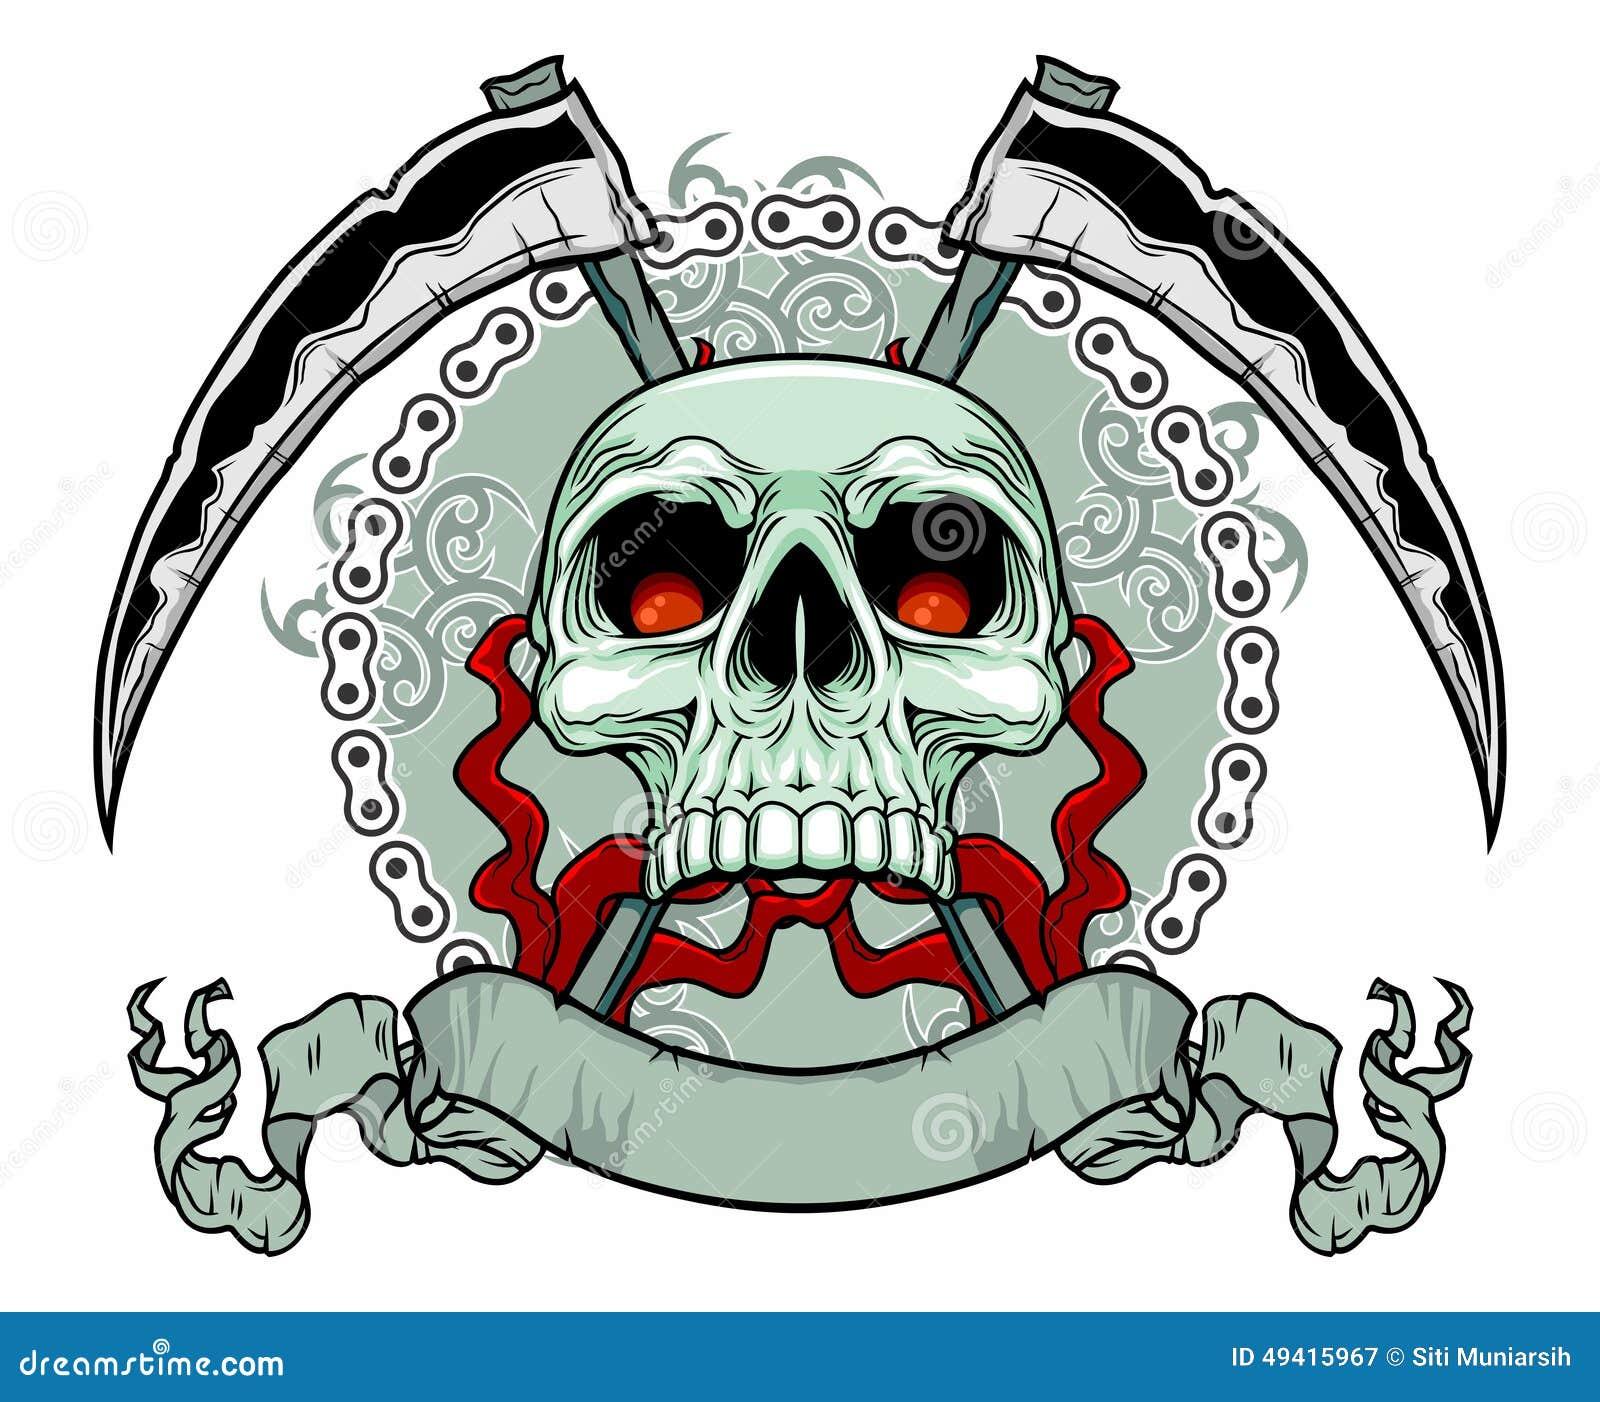 Download Mörderschädel stock abbildung. Illustration von gestaltungsarbeit - 49415967